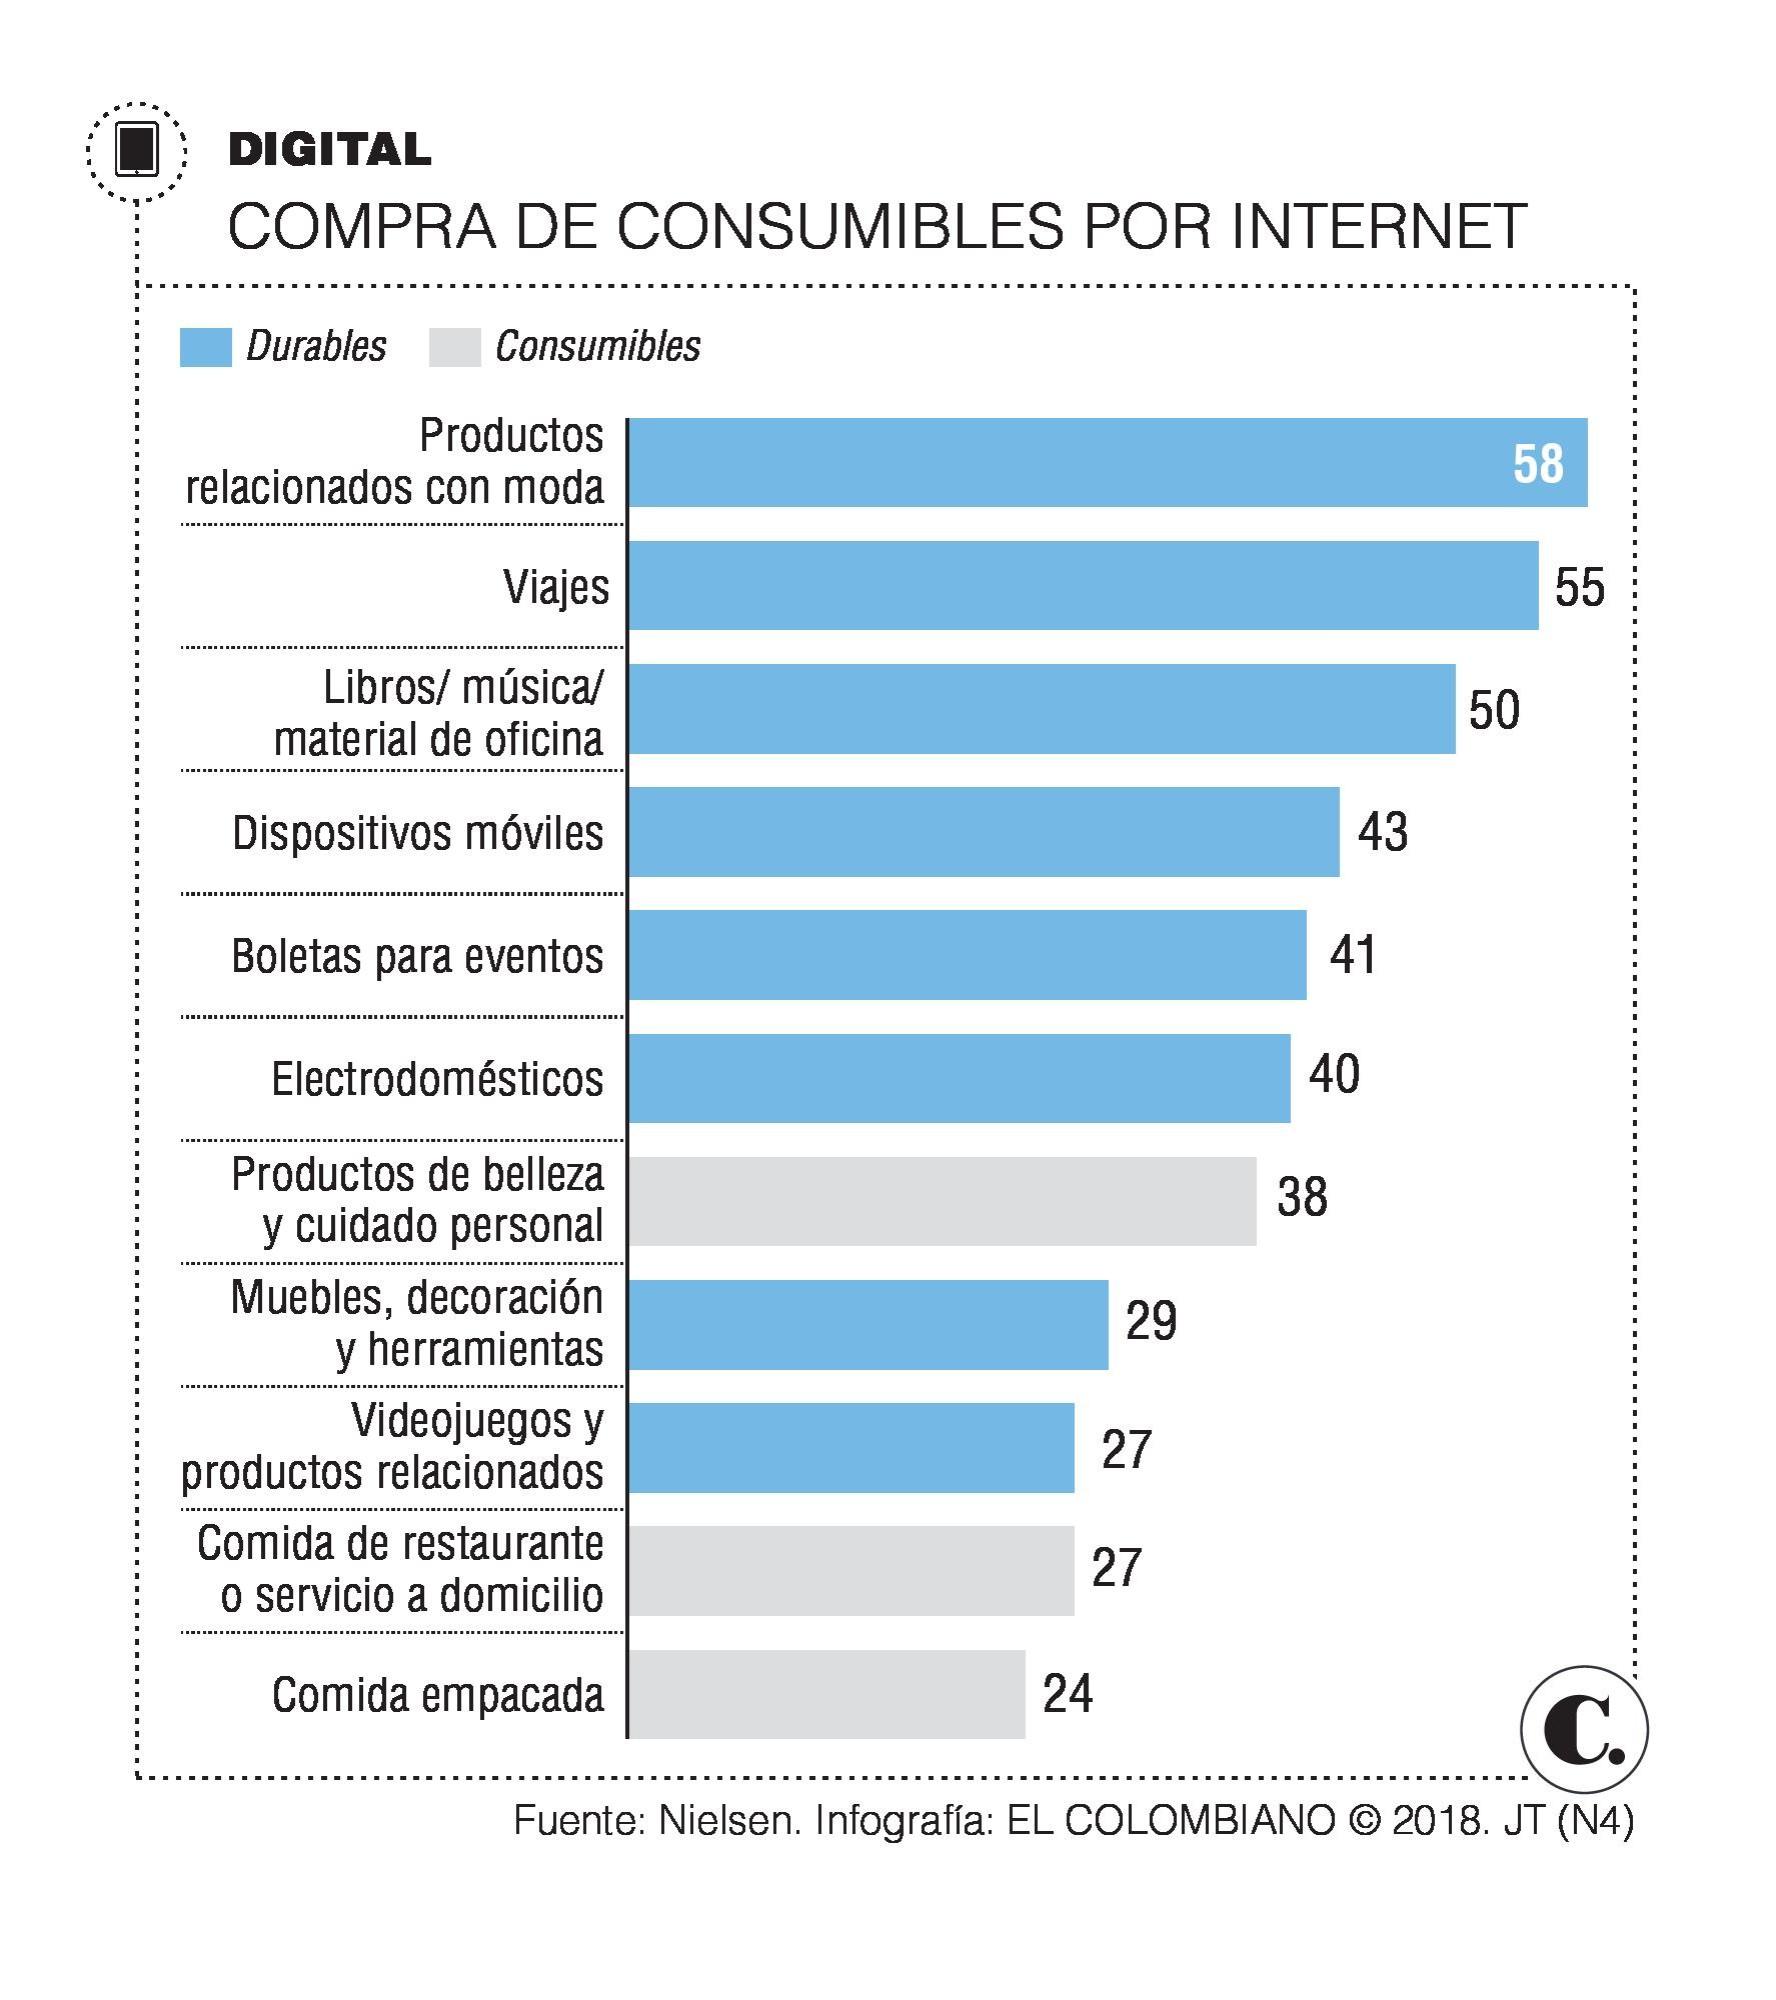 Qué tanto compran los colombianos por internet